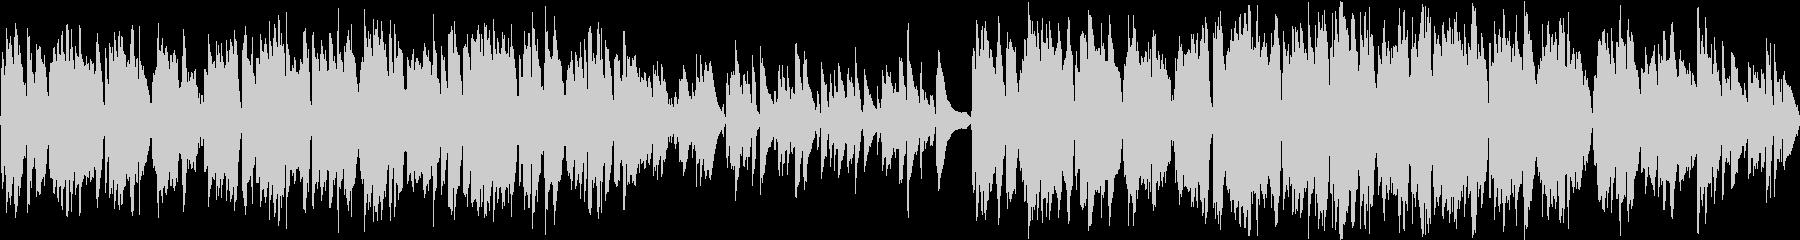 RPGの村で流れるケルト音楽・ループ版の未再生の波形